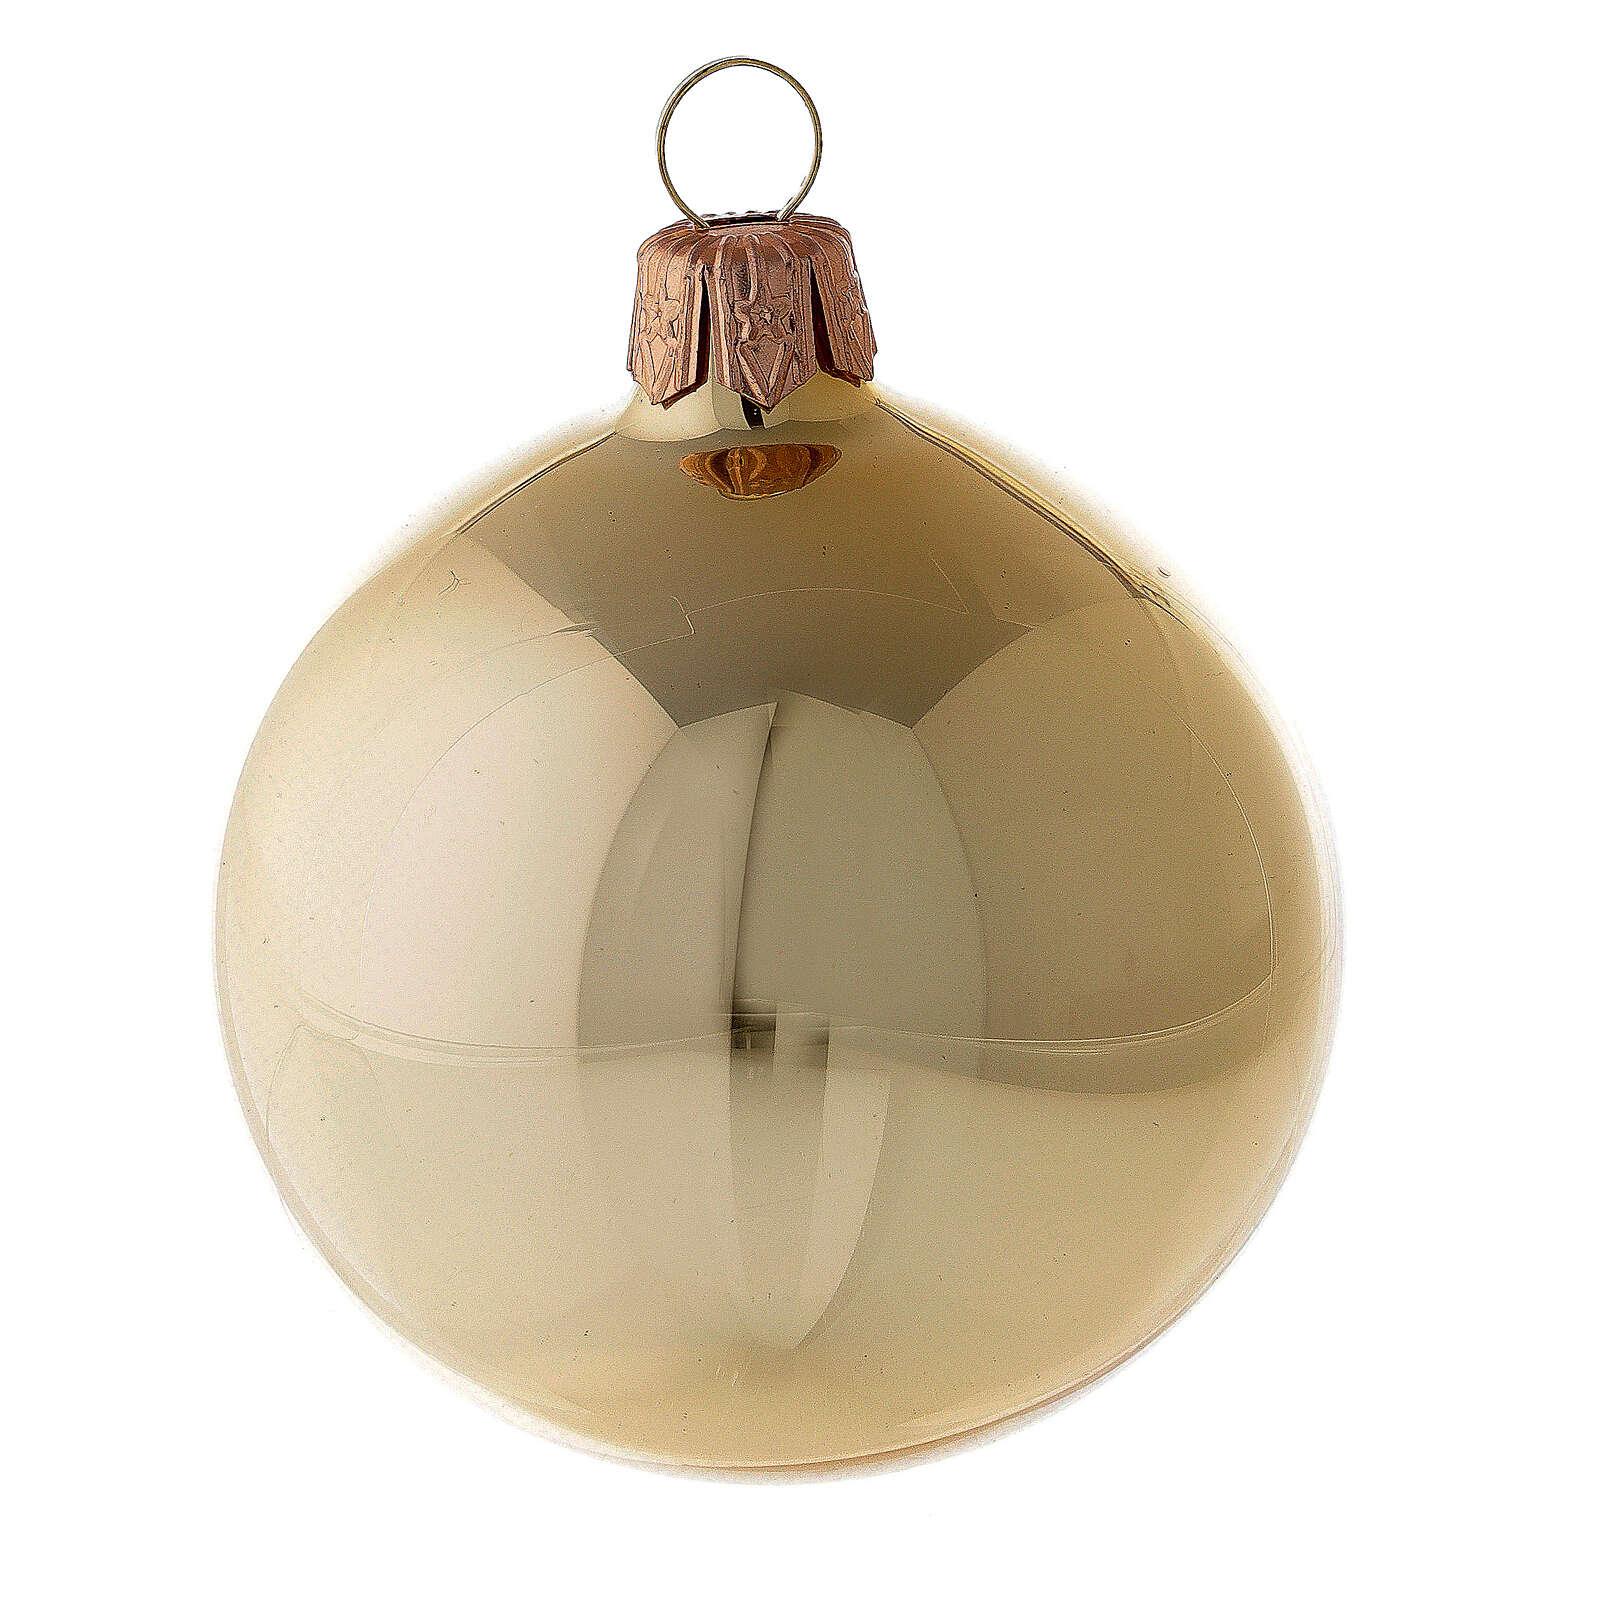 Bolas árvore de Natal vidro soprado ouro brilhante 60 mm 6 unidades 4